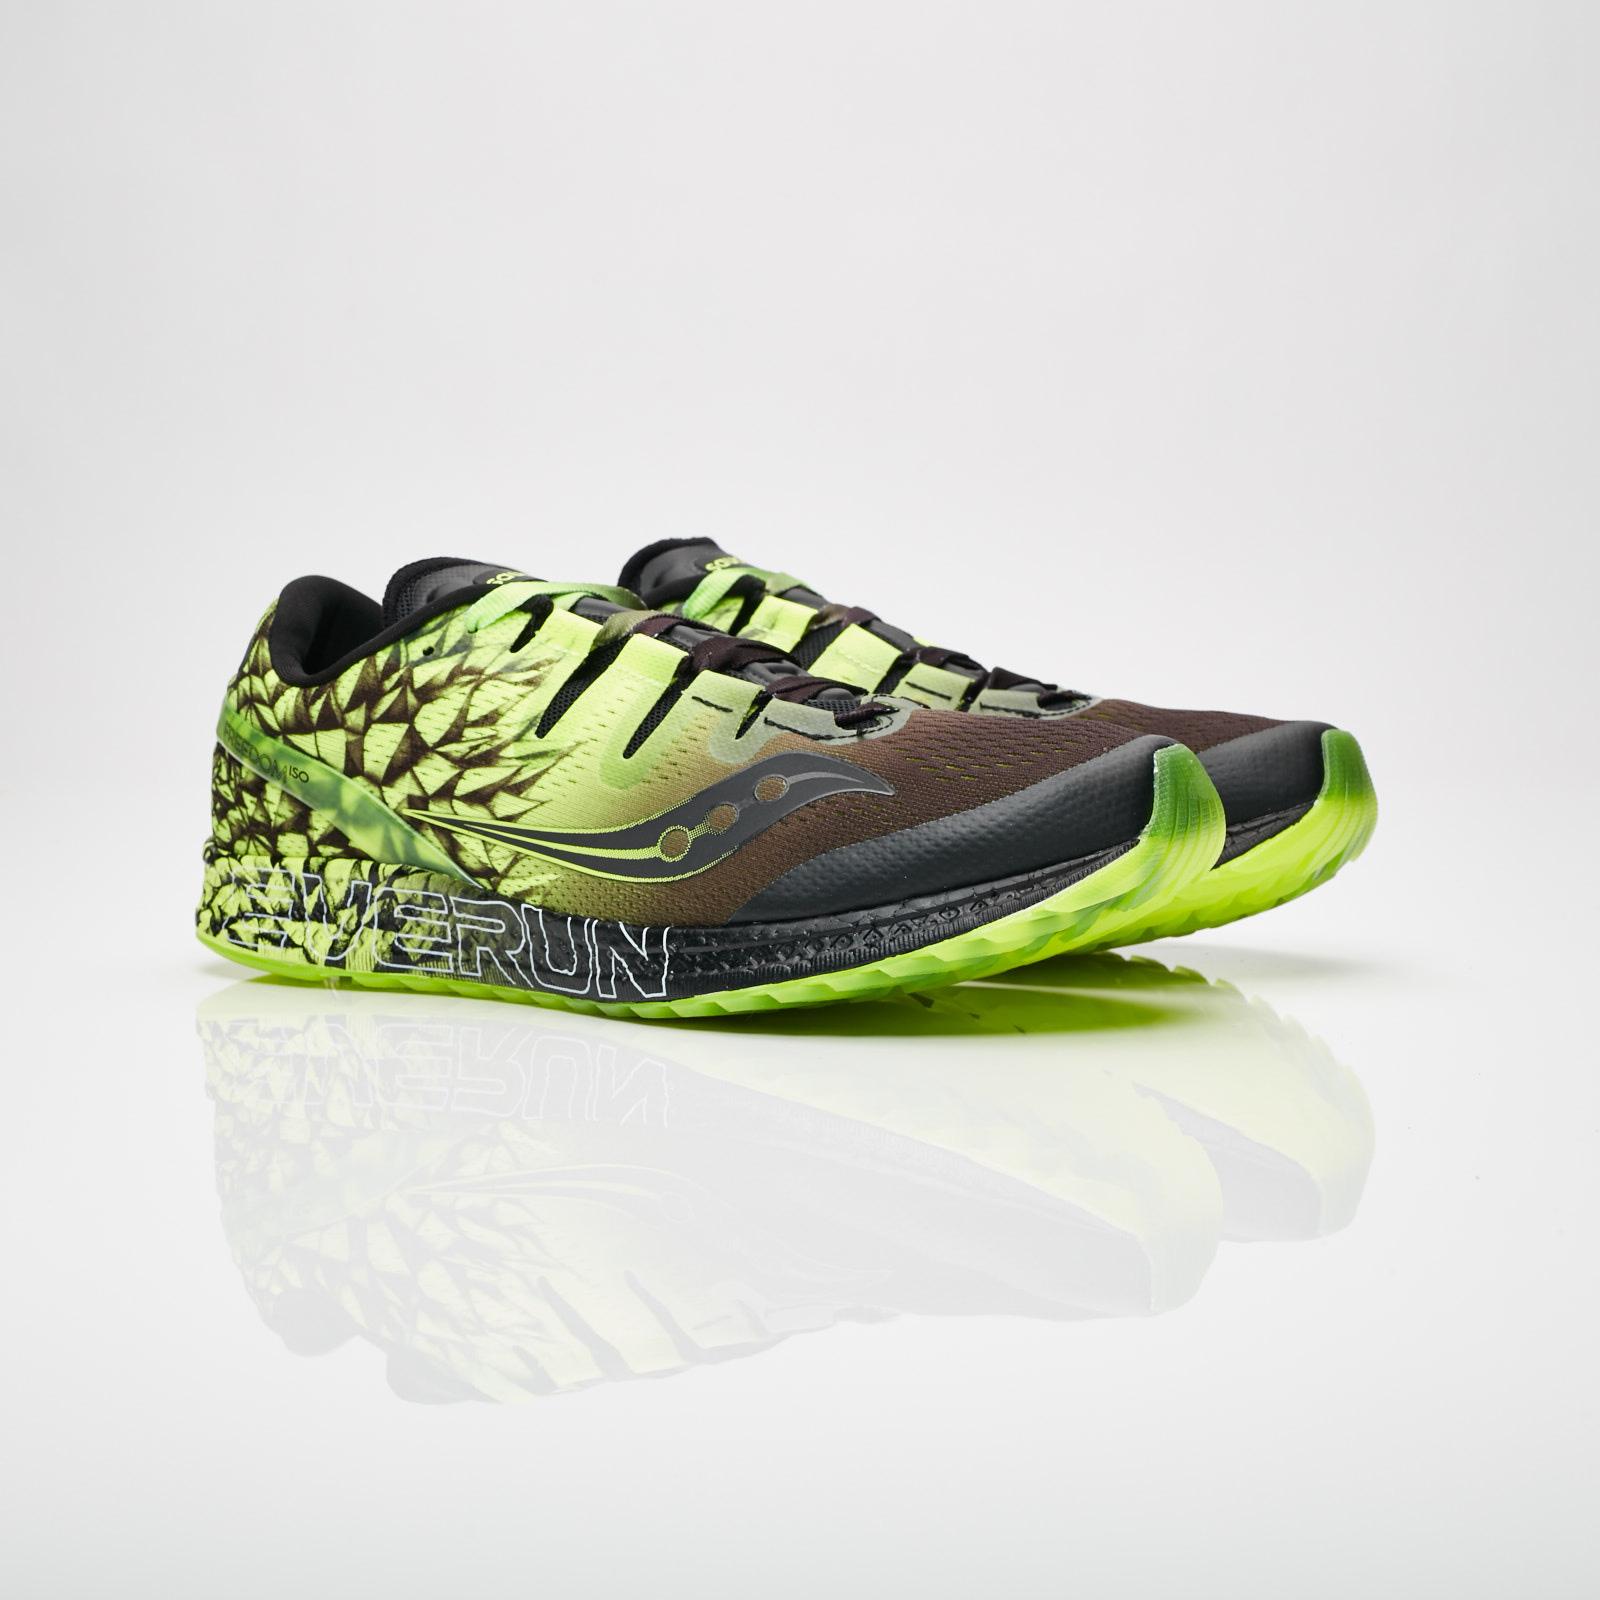 9de573ac4b Saucony Freedom ISO x Ryoono - S40027-1 - Sneakersnstuff | sneakers ...